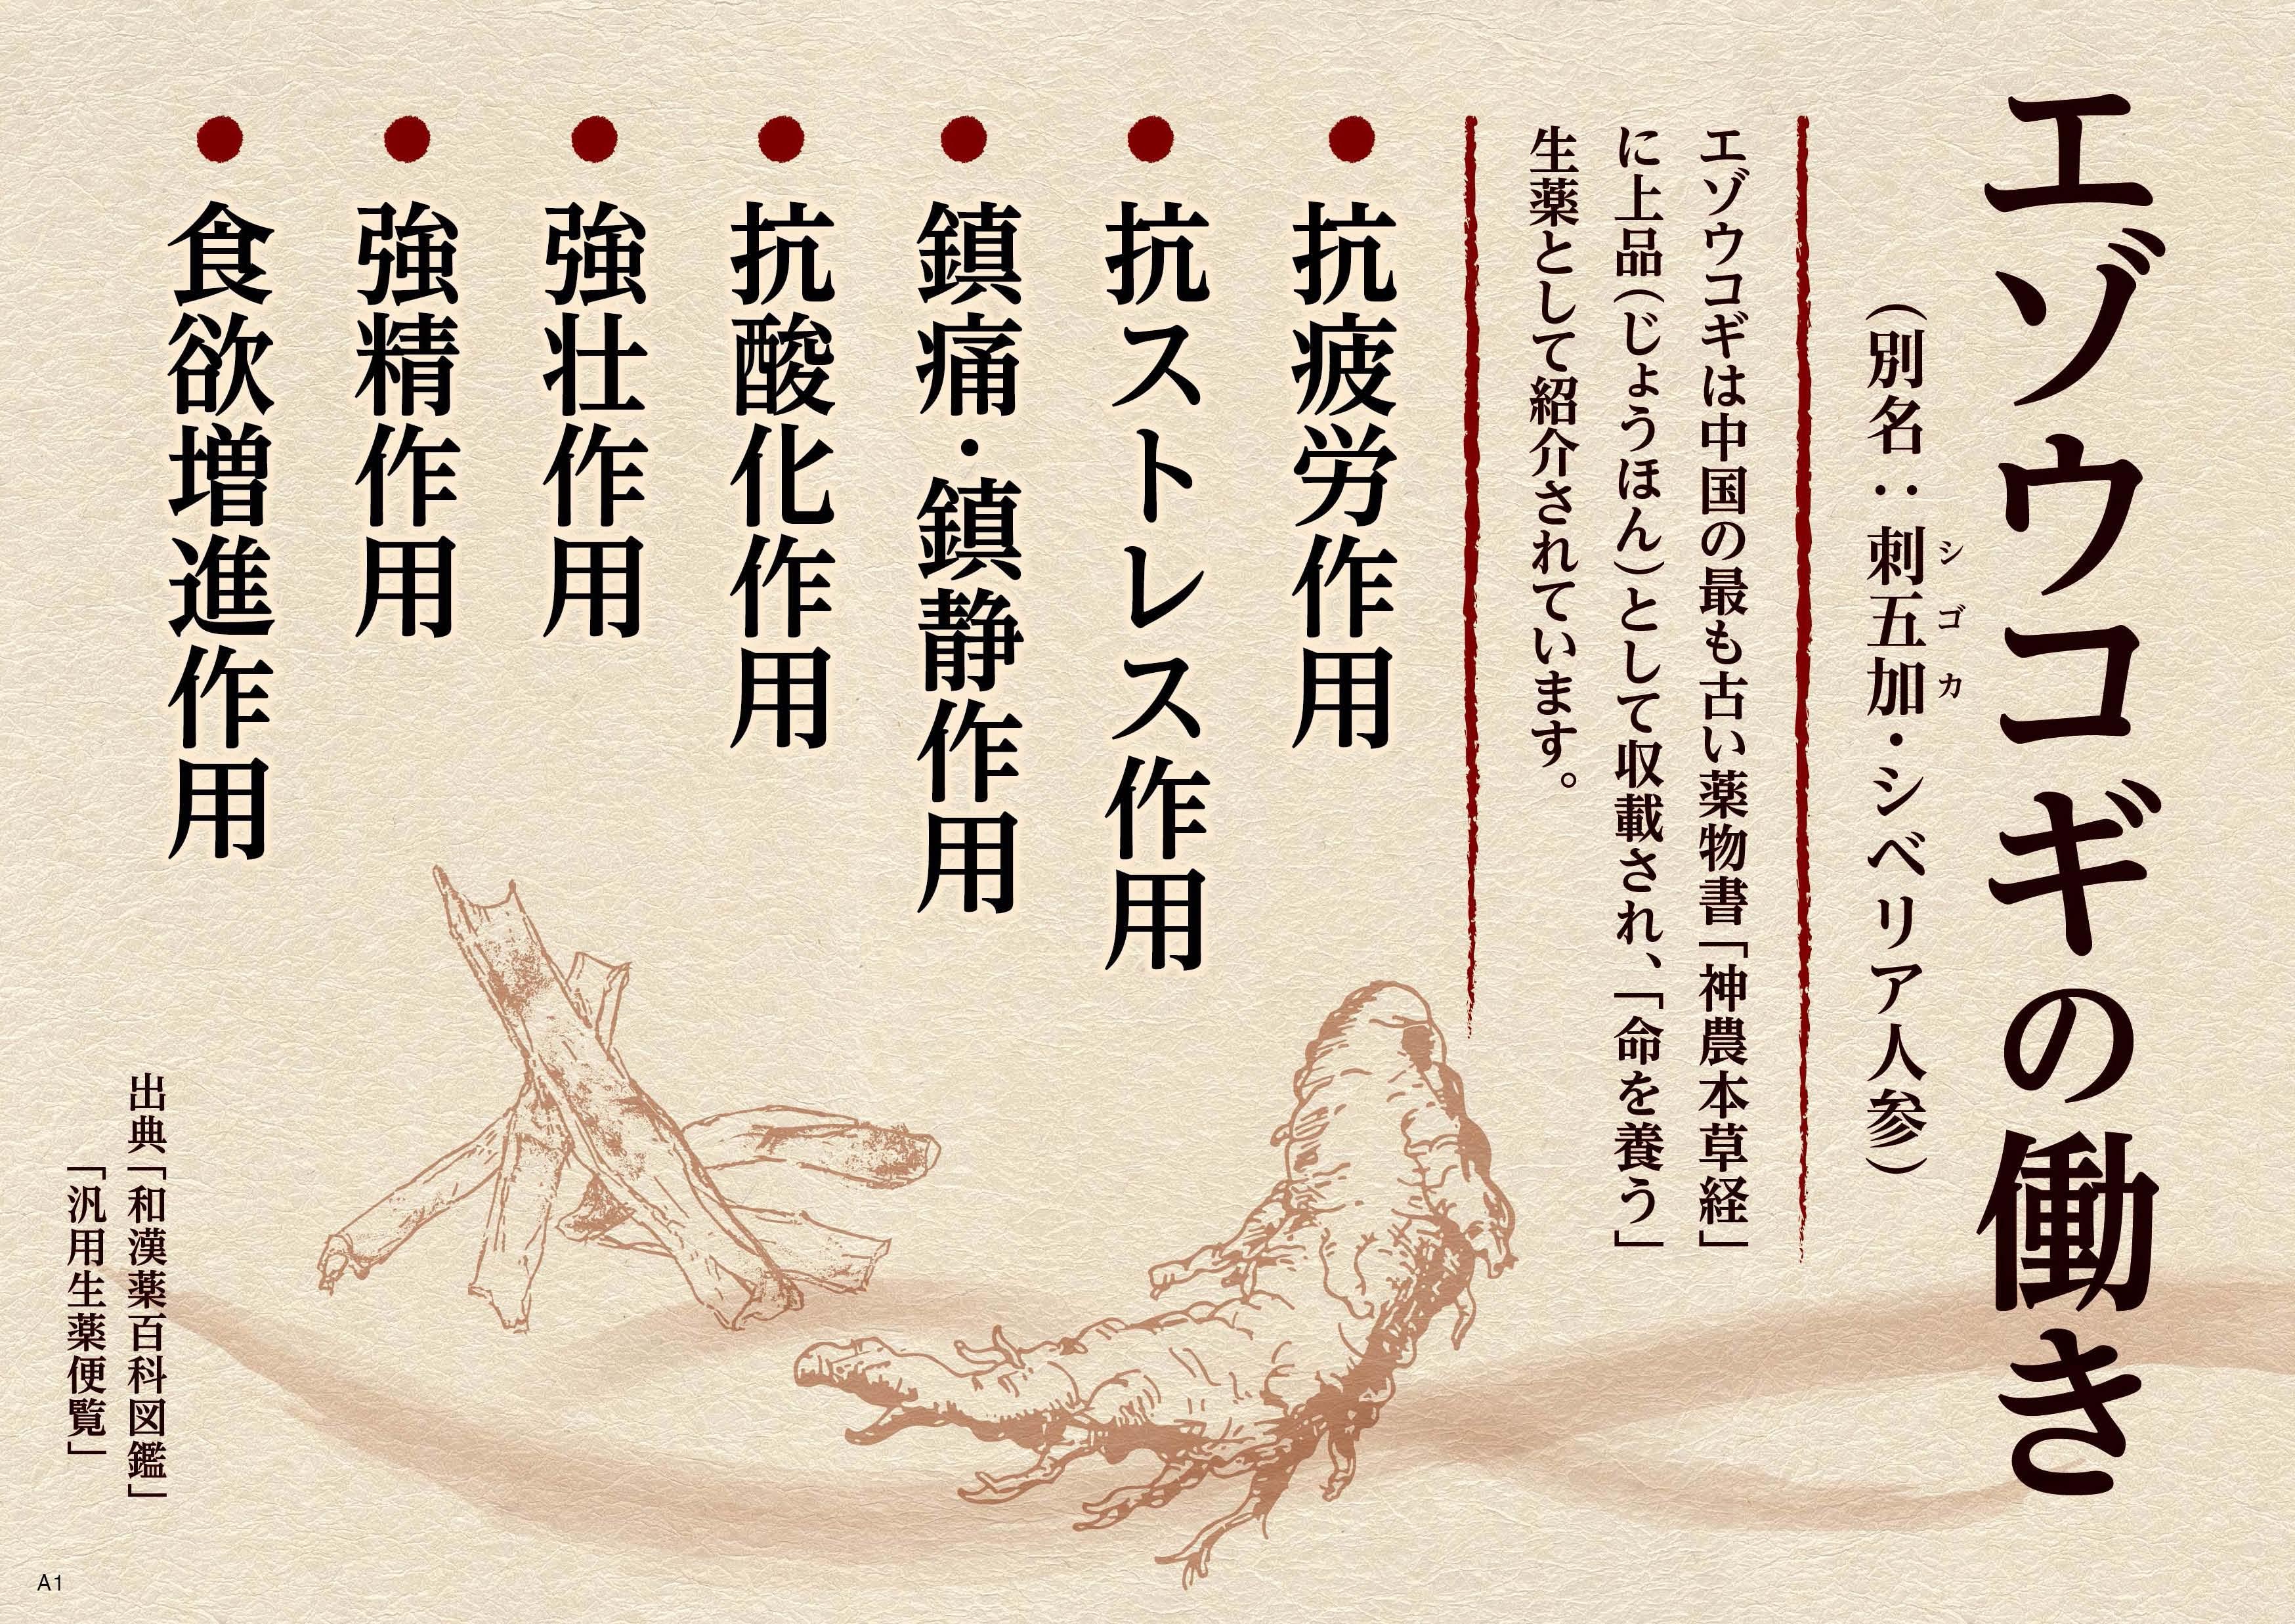 ロクジョウ_エゾウコギチャートA4(裏).jpg